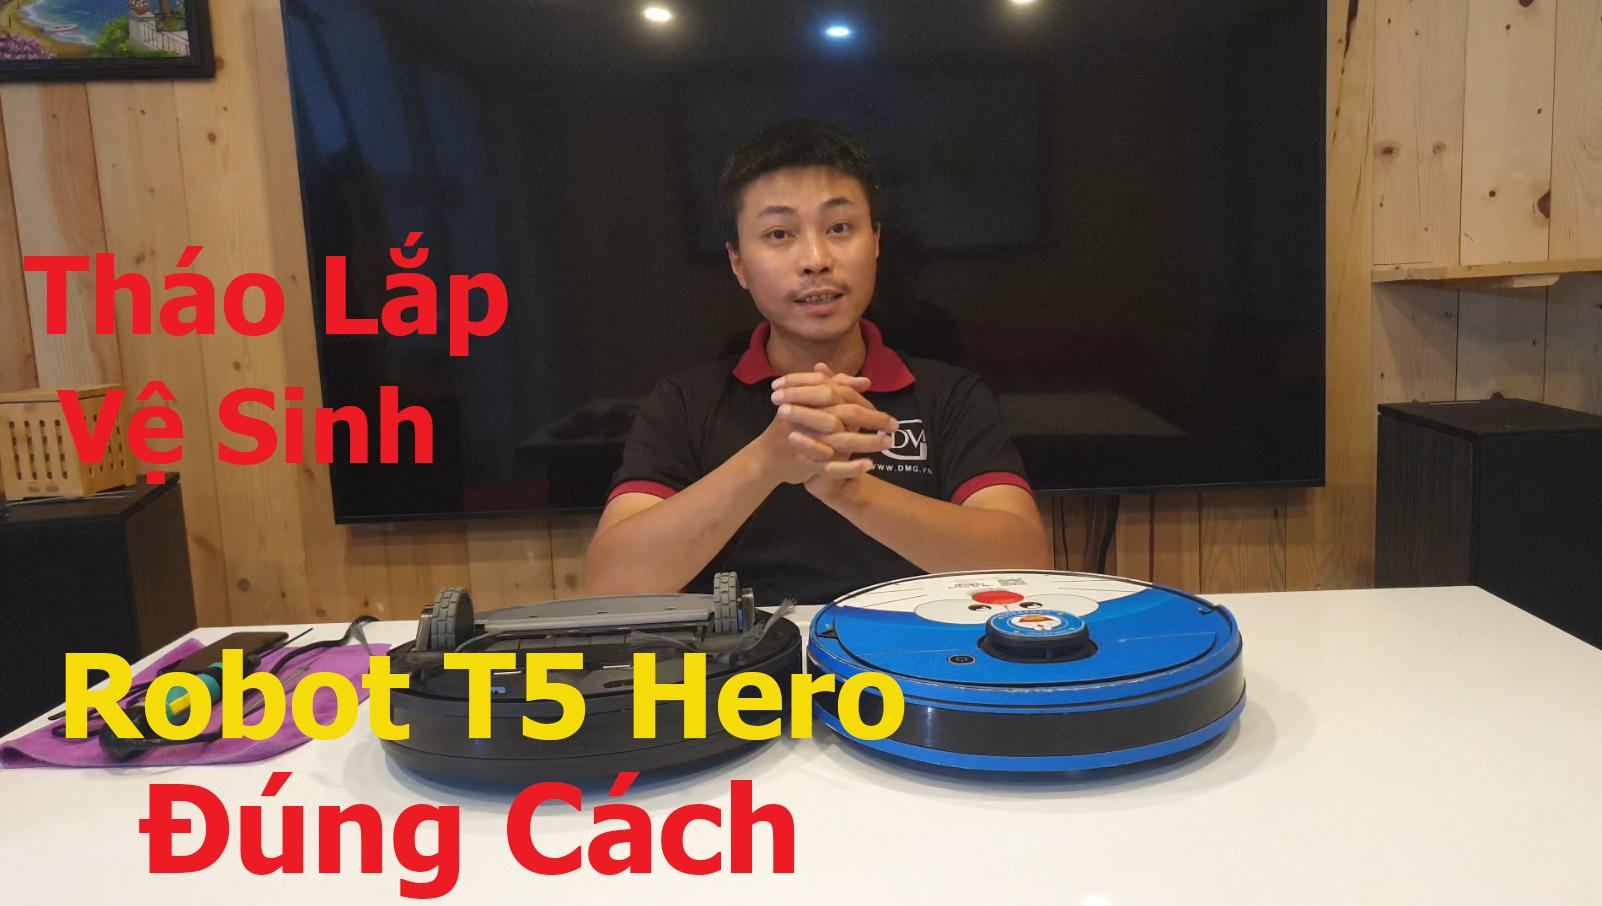 Hướng dẫn tháo robot hút bụi deebot T5 Hero vệ sinh đúng cách